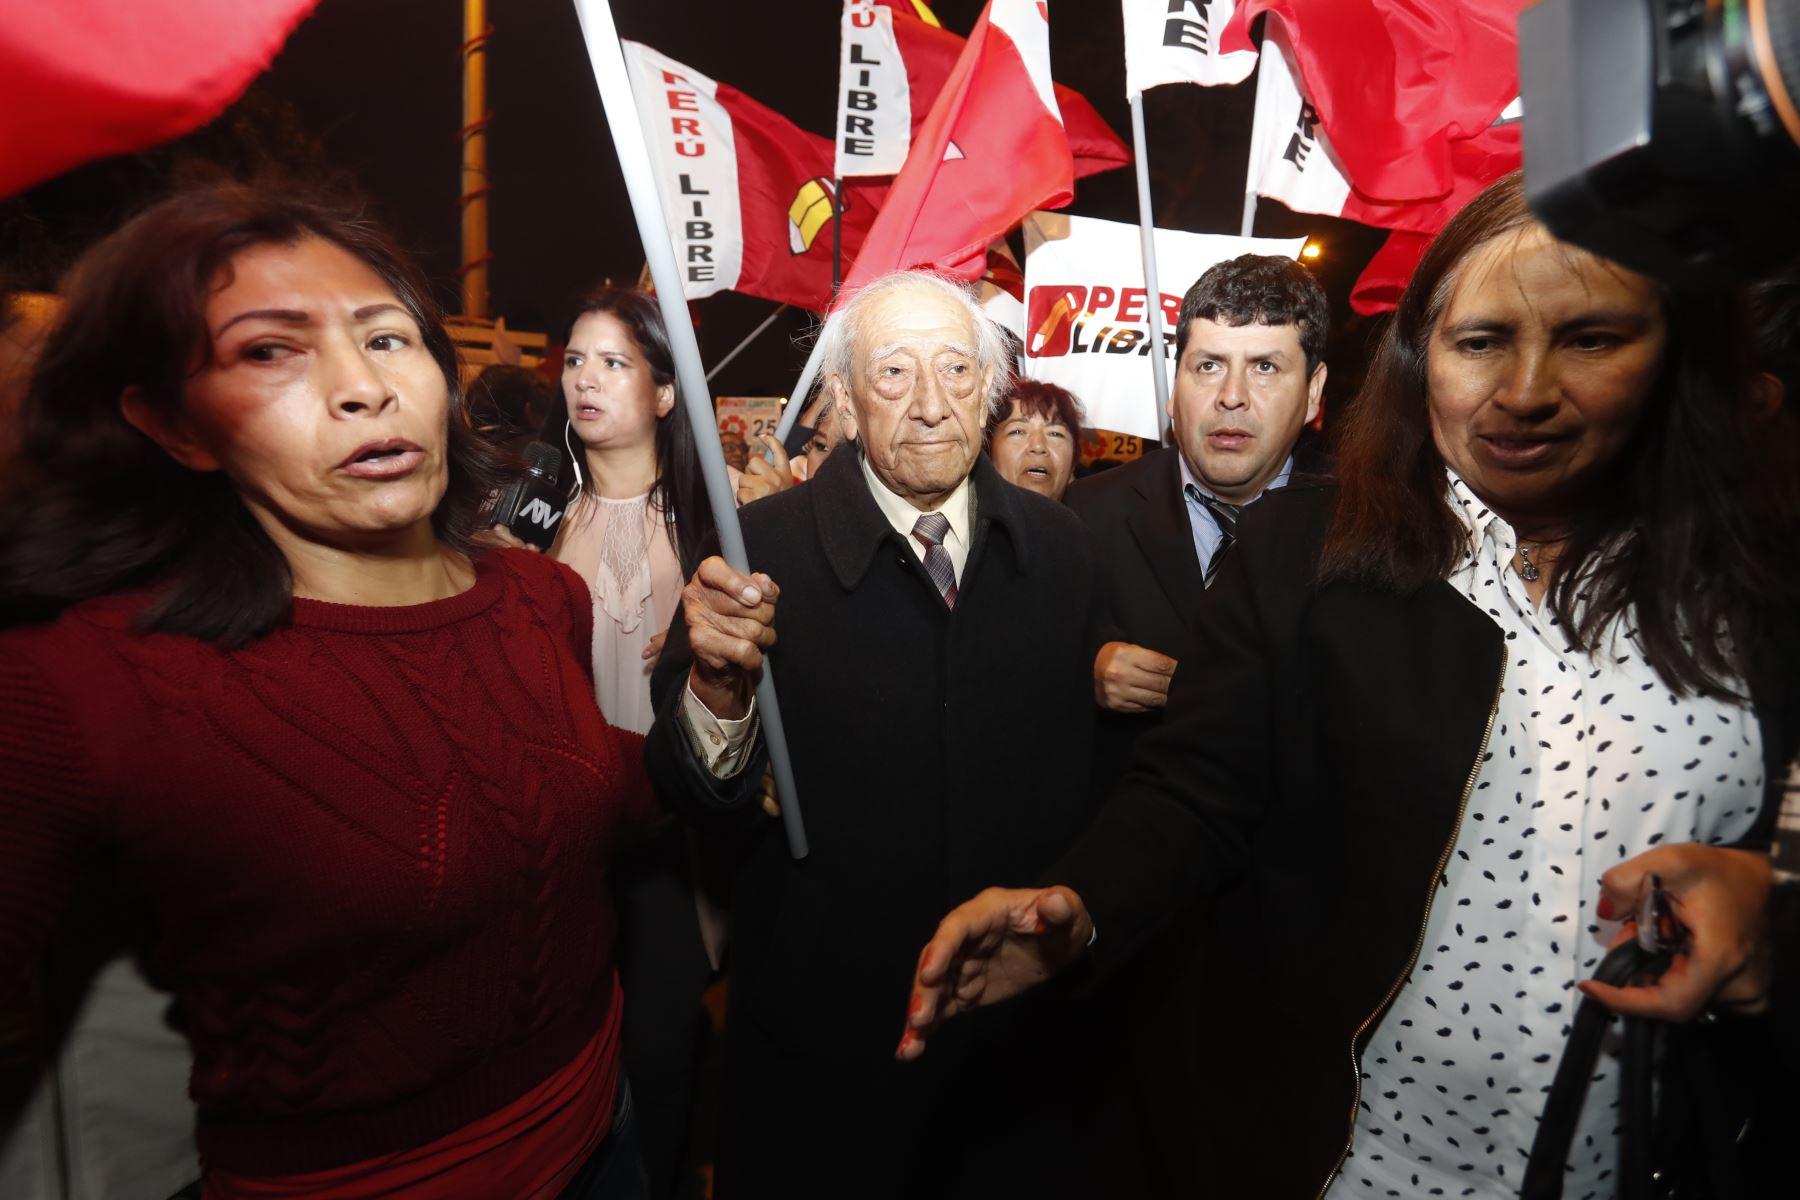 Isaac Humala de la agrupación política Perú Libre llega al Jurado Nacional de Elecciones para  inscribir la lista de candidatos al Congreso que participarán en las próximas elecciones de enero del 2020 .  Foto: ANDINA/Renato Pajuelo